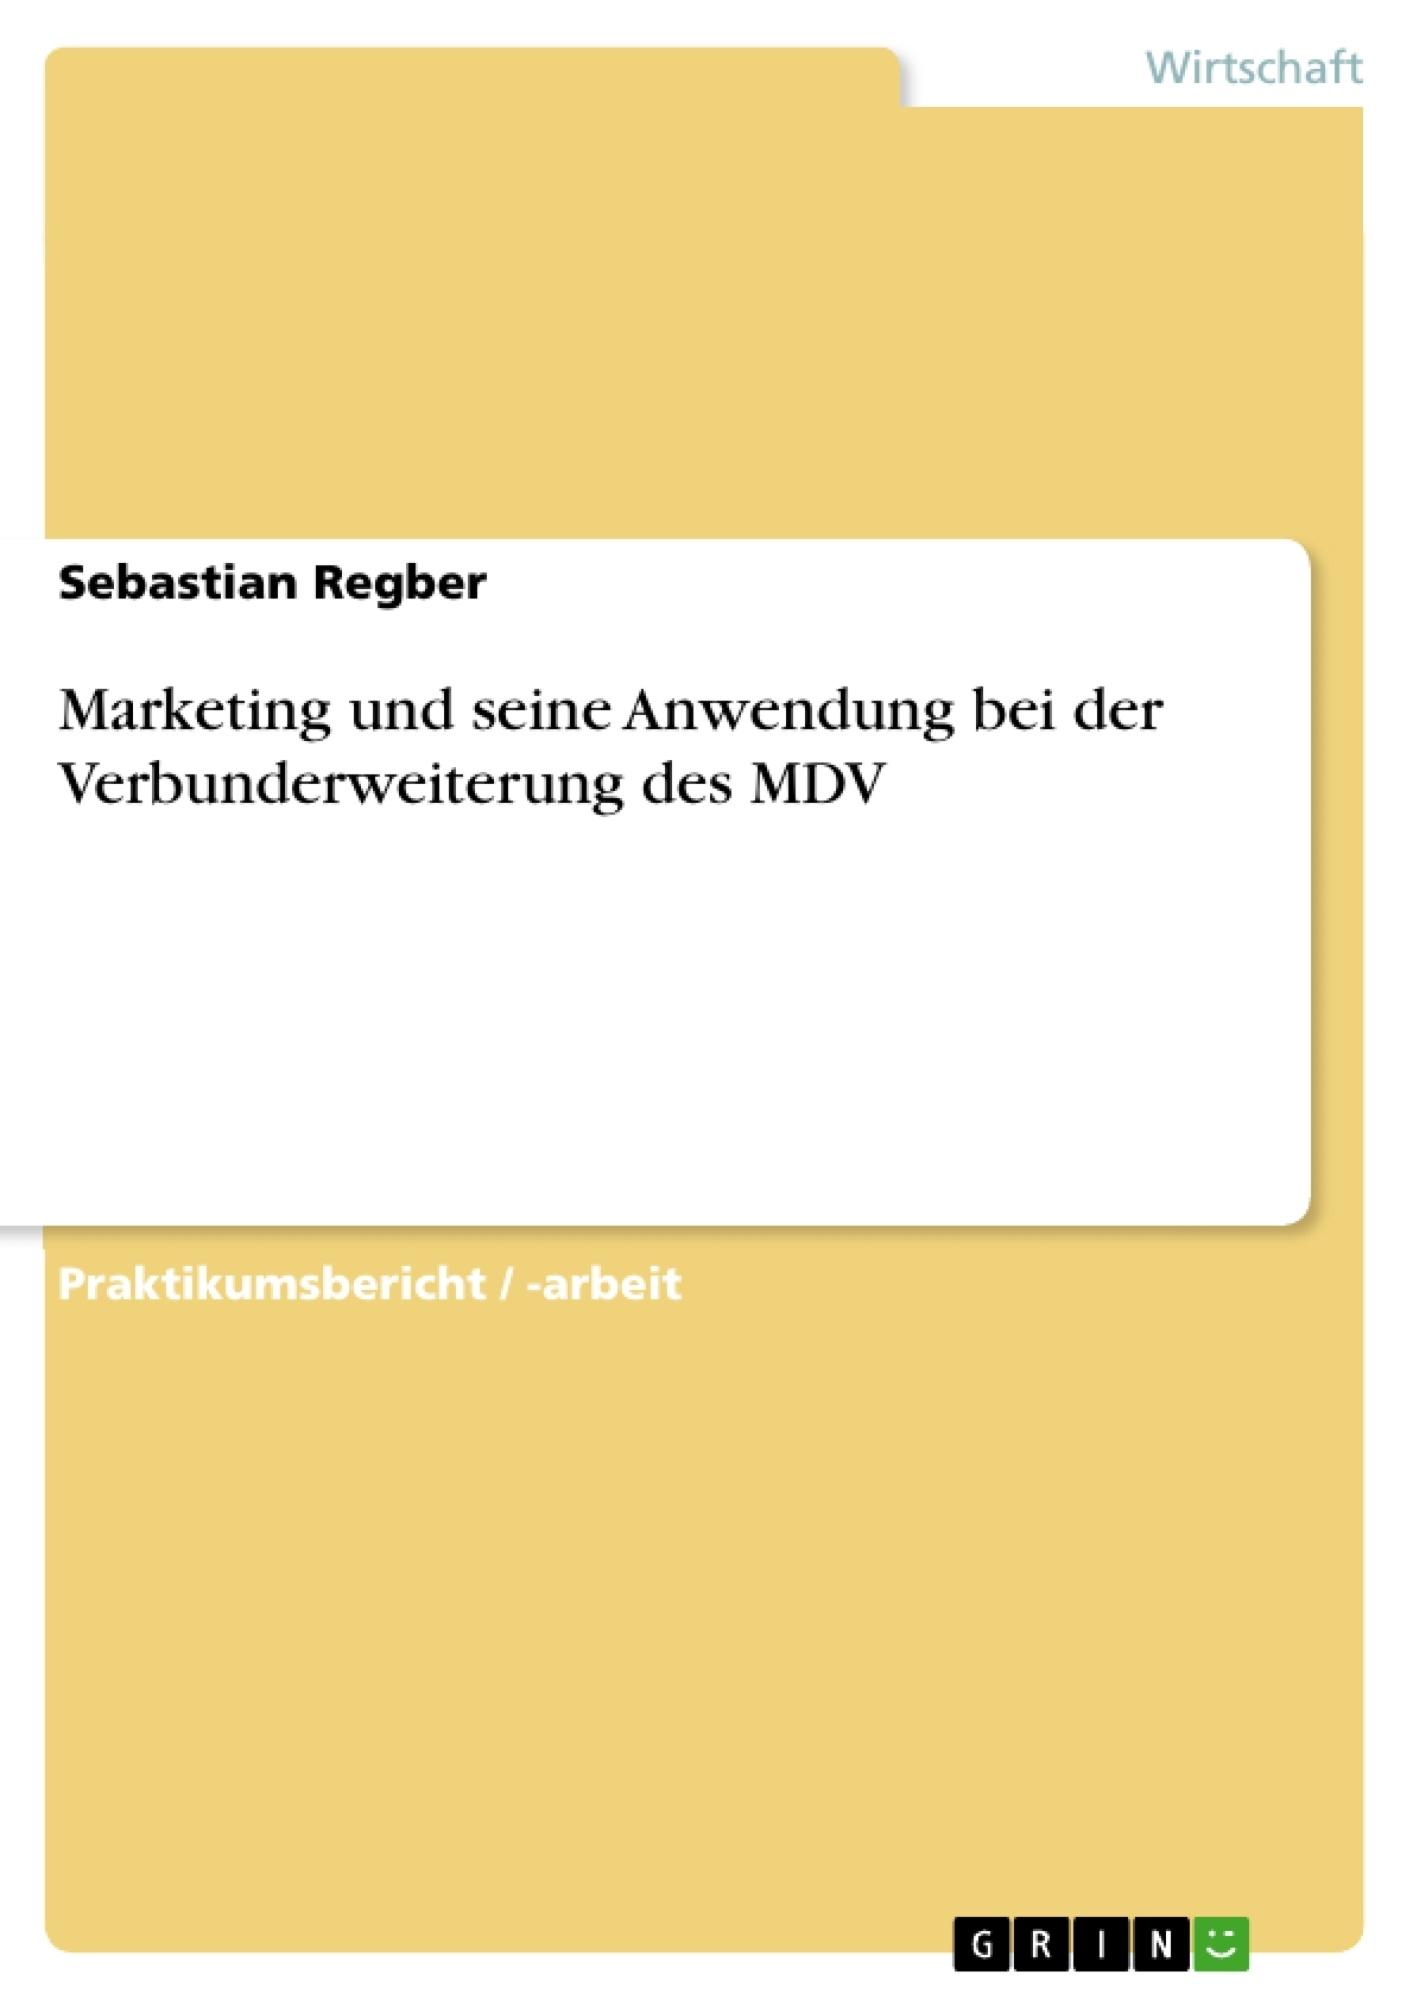 Titel: Marketing und seine Anwendung bei der Verbunderweiterung des MDV